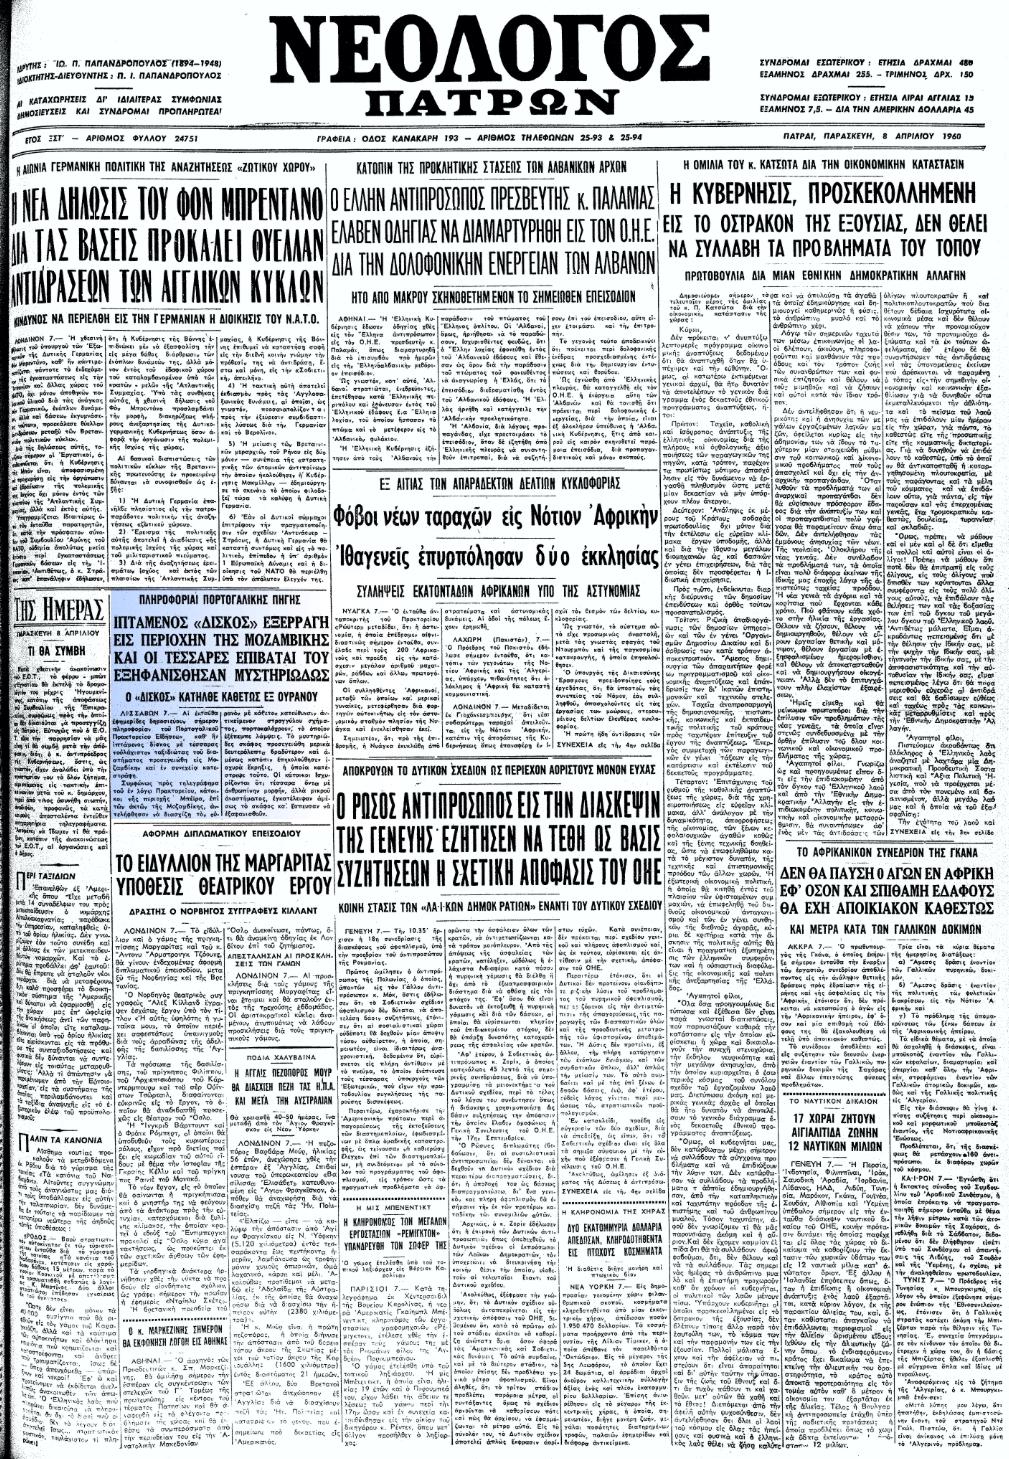 """Το άρθρο, όπως δημοσιεύθηκε στην εφημερίδα """"ΝΕΟΛΟΓΟΣ ΠΑΤΡΩΝ"""", στις 08/04/1960"""